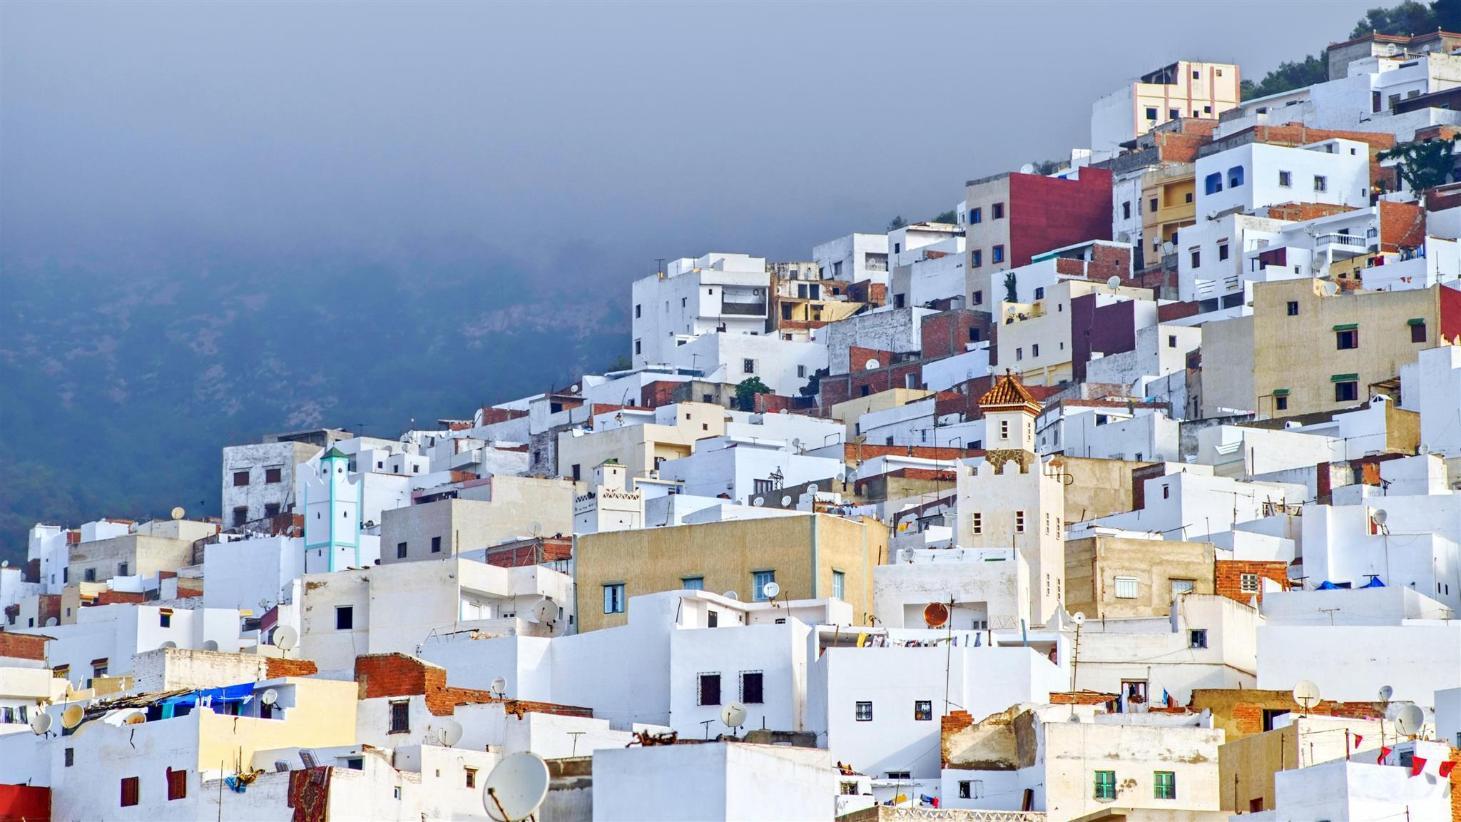 Les 20 meilleurs hôtels à Tétouan, Maroc dès 31 € sur Agoda.com